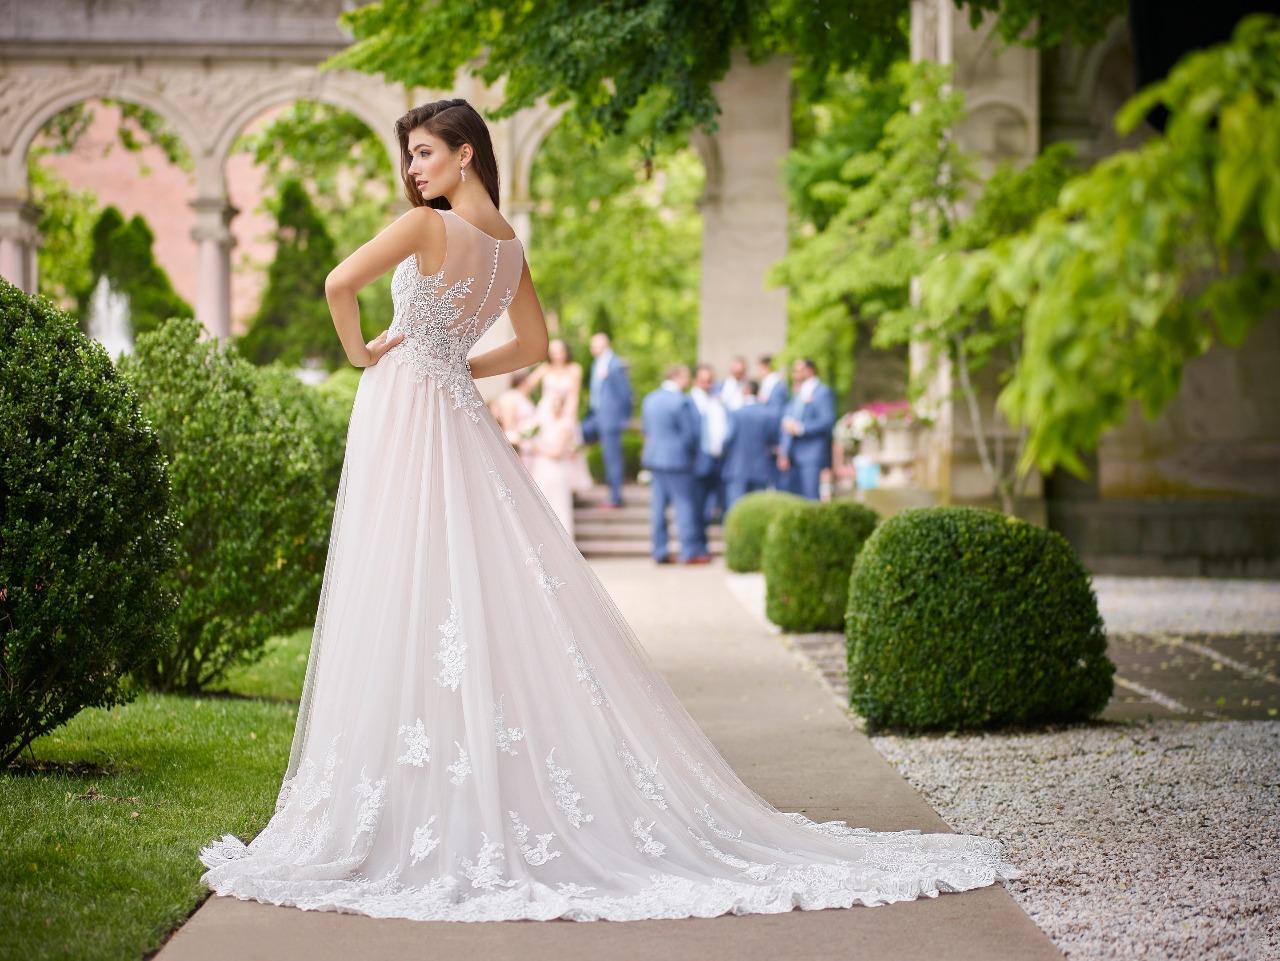 Vestido de Noiva Lolita - Hipnose Alta Costura e Spa para Noivas e Noivos - Campinas - SP Vestido de Noiva, Vestidos de Noiva Sereia, Hipnose Alta Costura, Vestido de Noiva Lolita